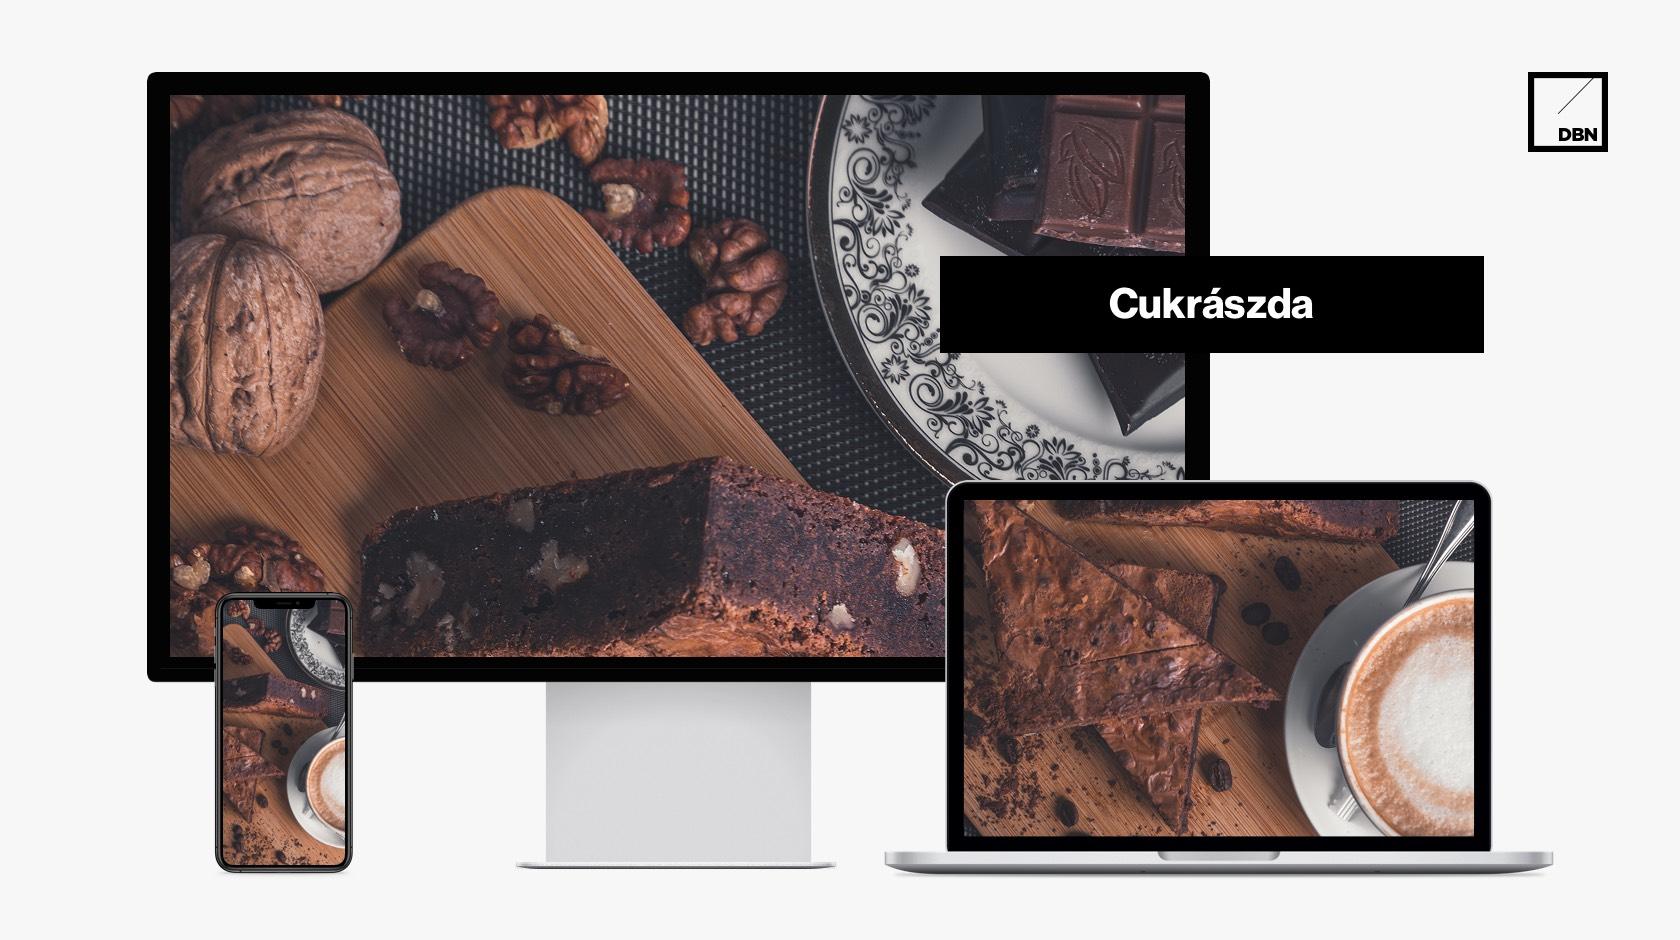 Cukrászda weboldal készítés